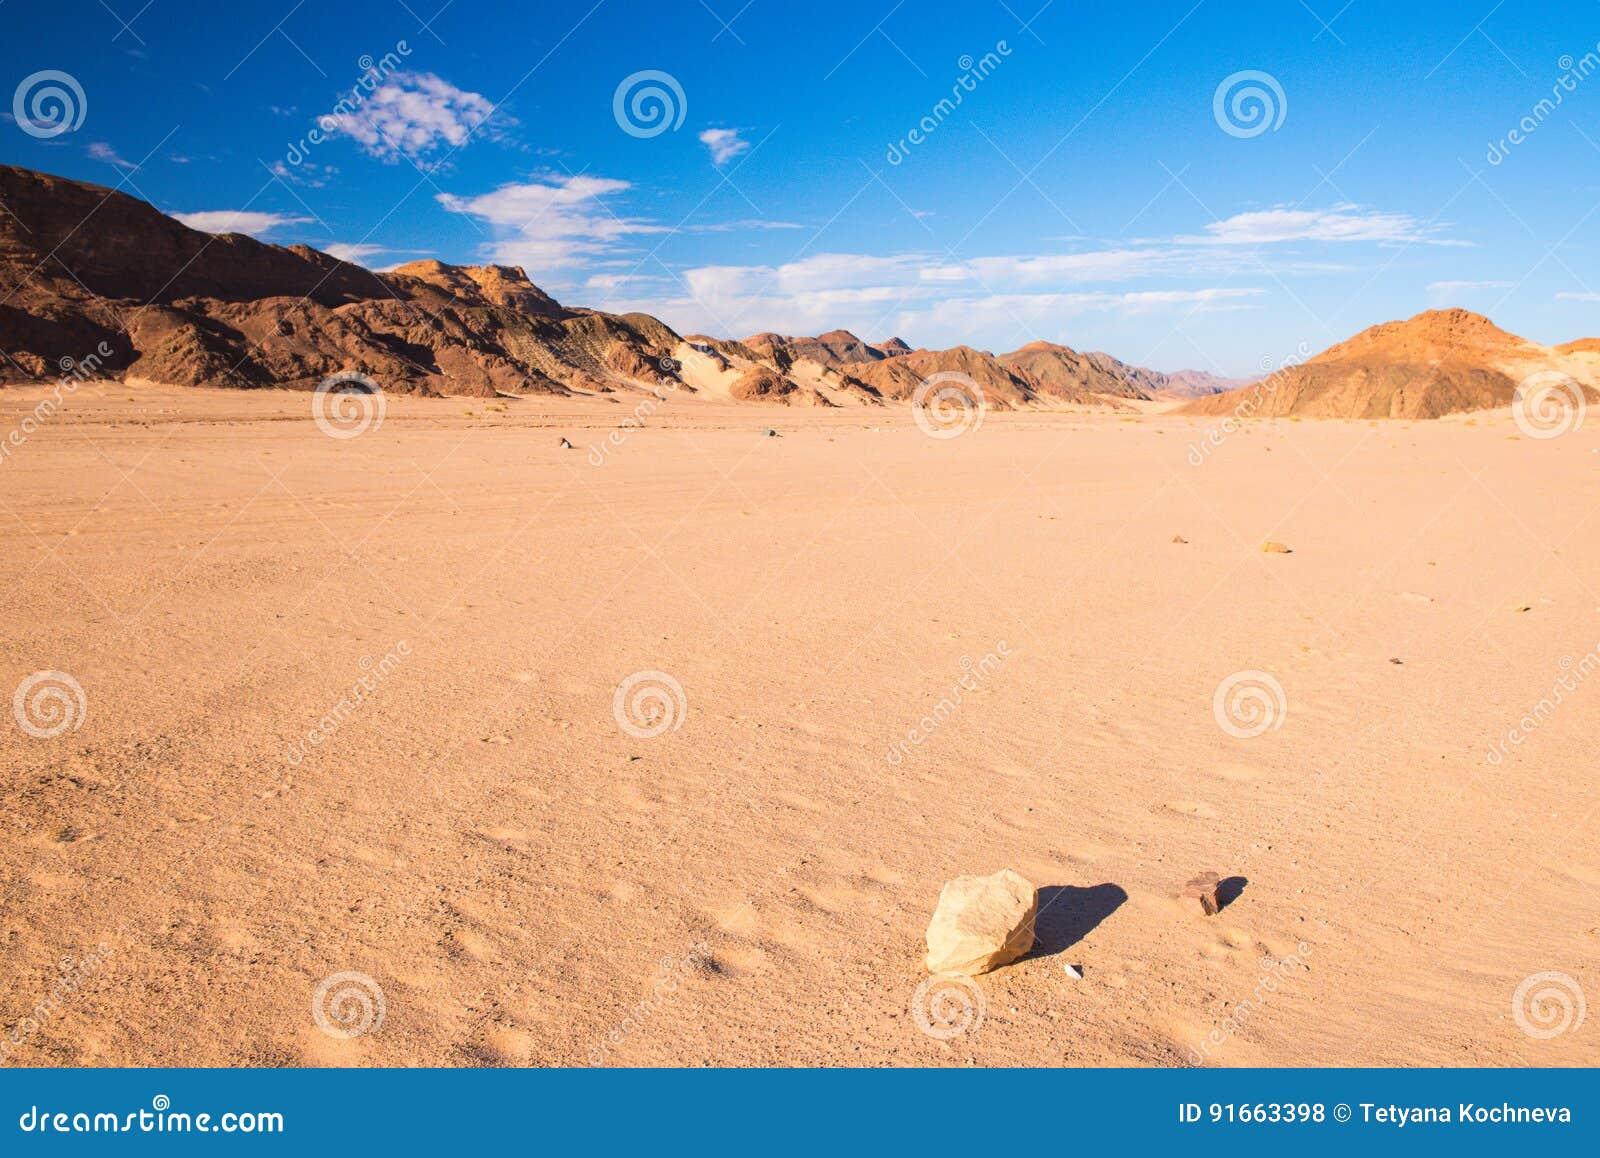 西奈沙漠风景